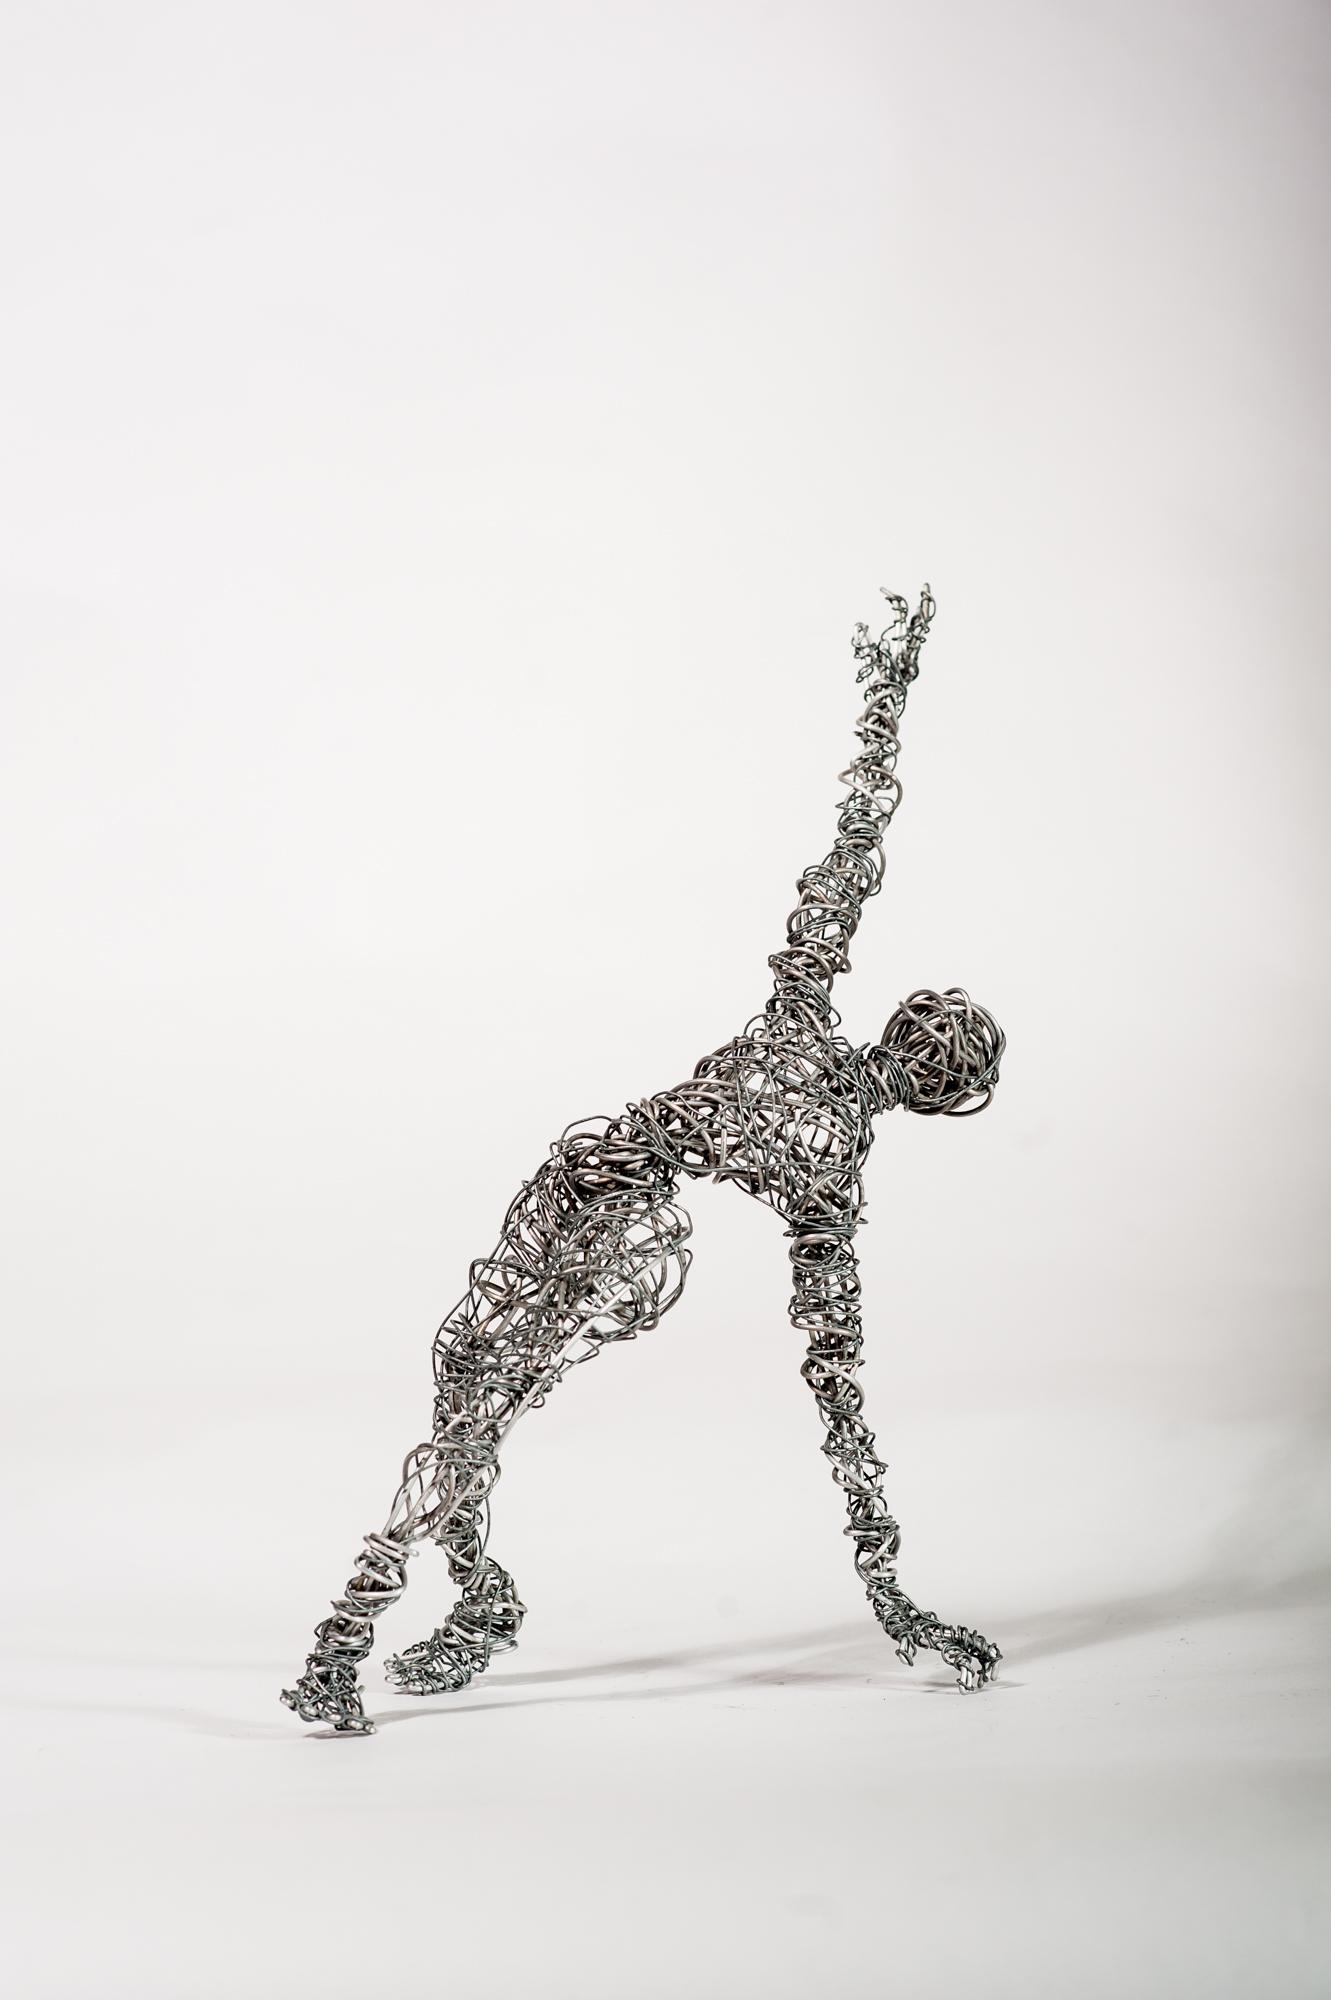 glenn sculptures (8 of 27).jpg